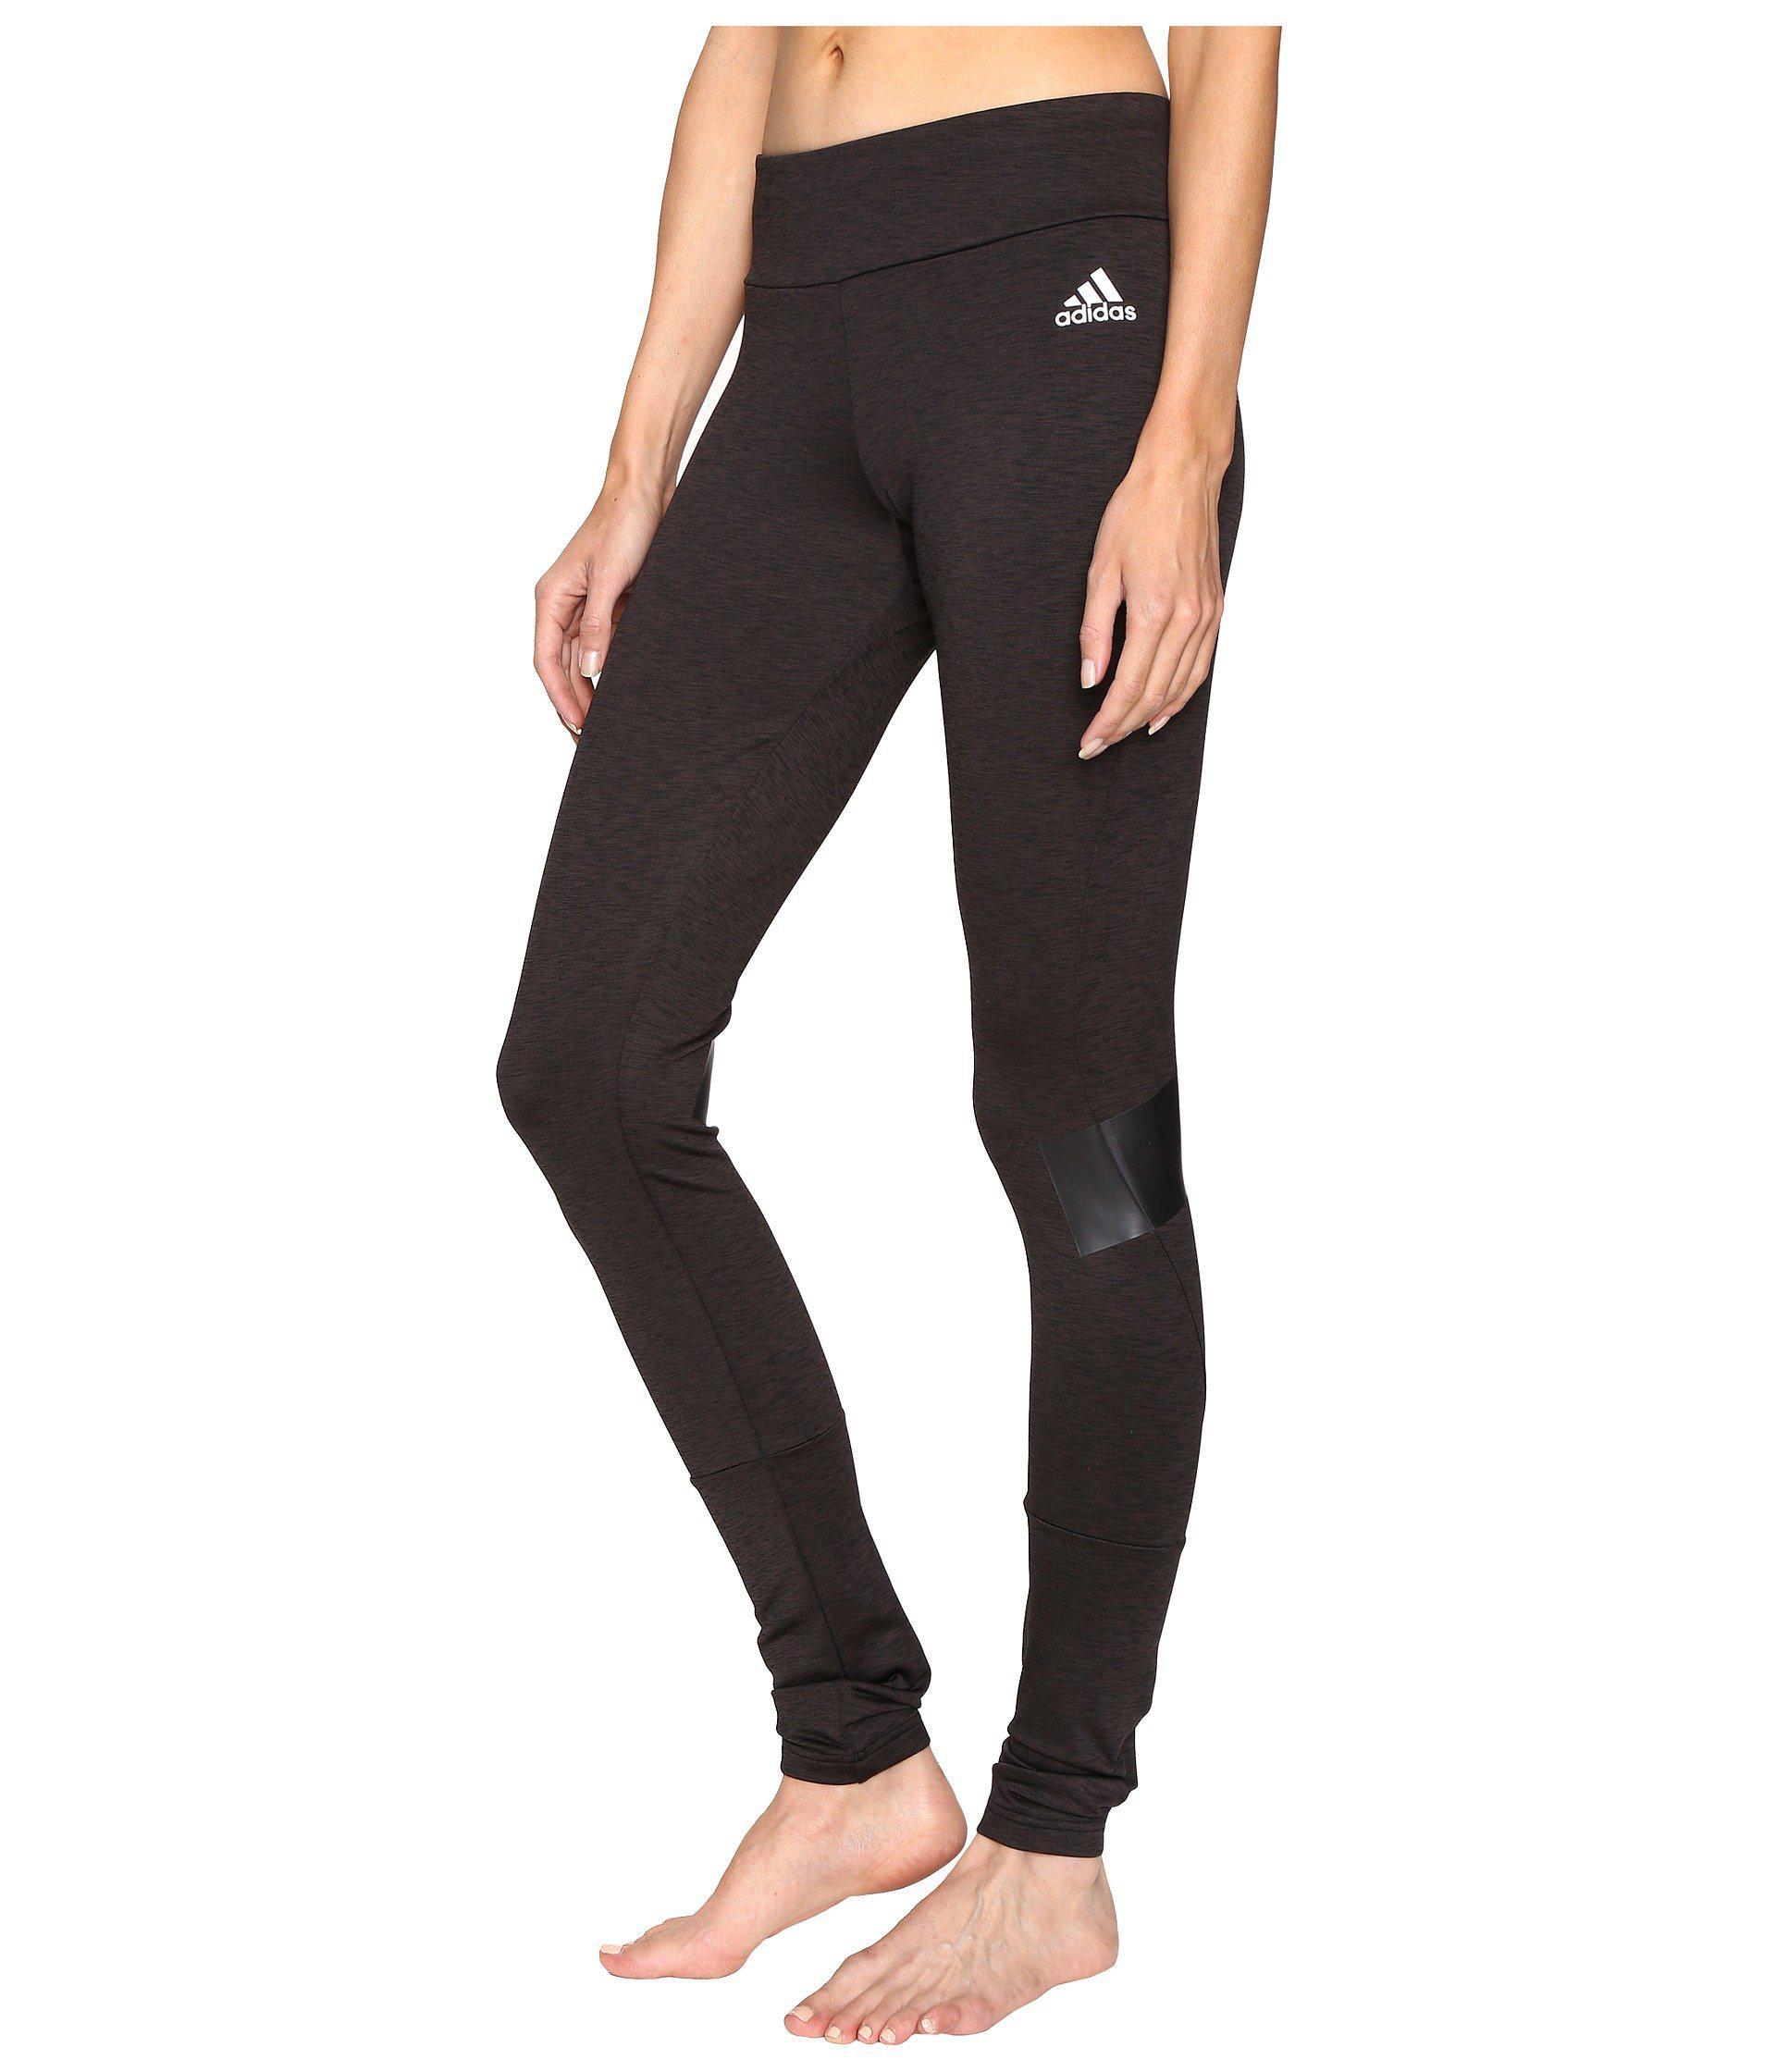 Lyst Adidas Originals Medias Medias más calientes Adidas en Lyst negro 652b053 - rogvitaminer.website